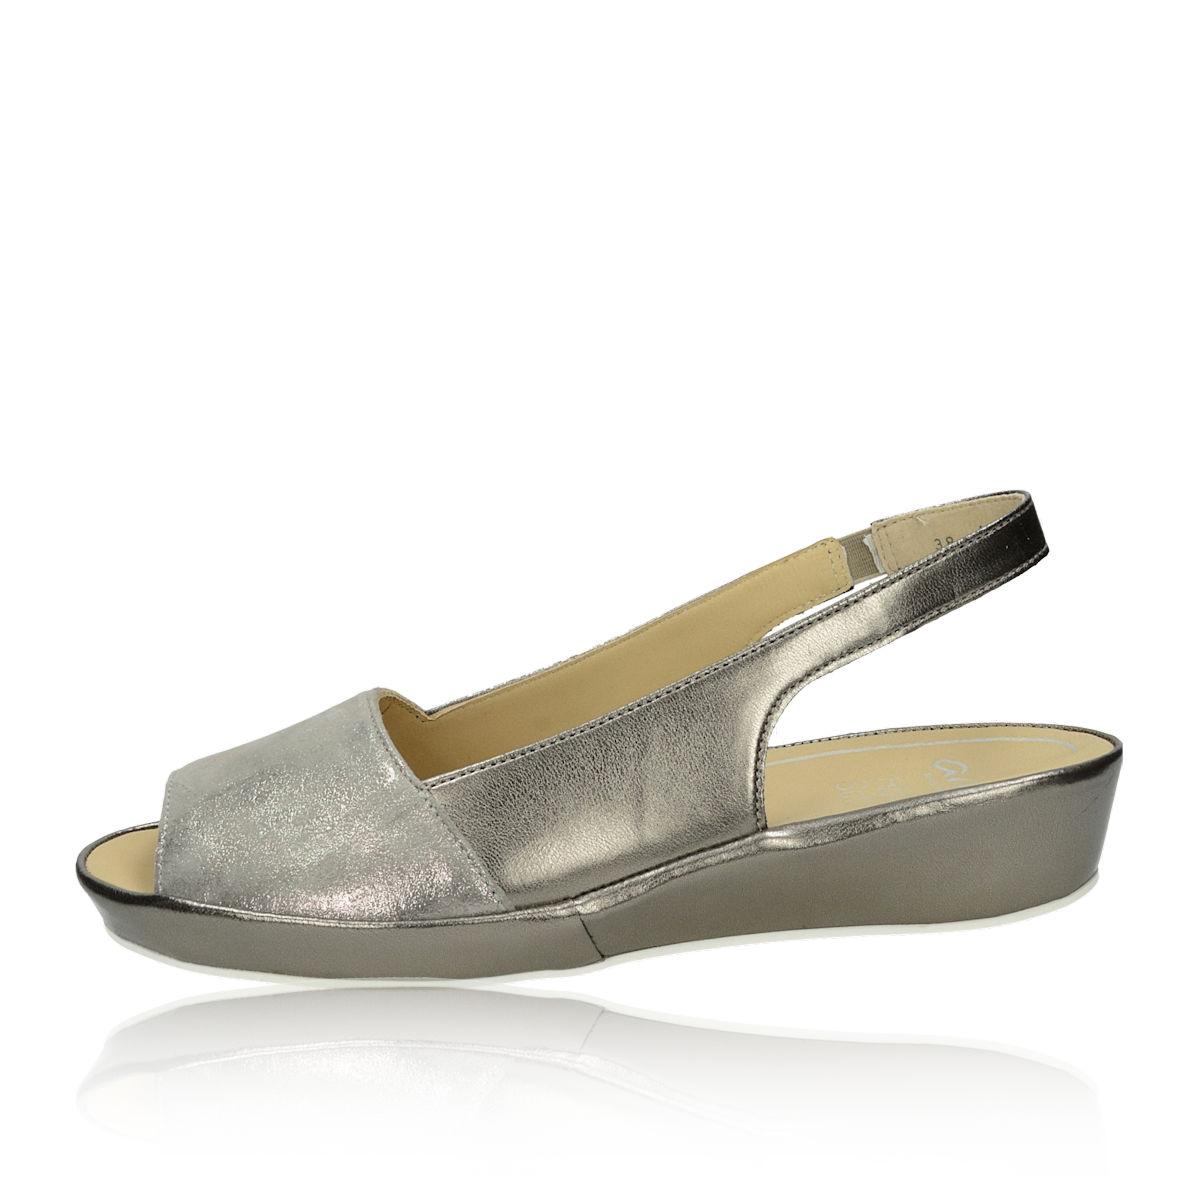 7ae469632e0f Ara dámske kožené sandále - strieborné Ara dámske kožené sandále -  strieborné ...